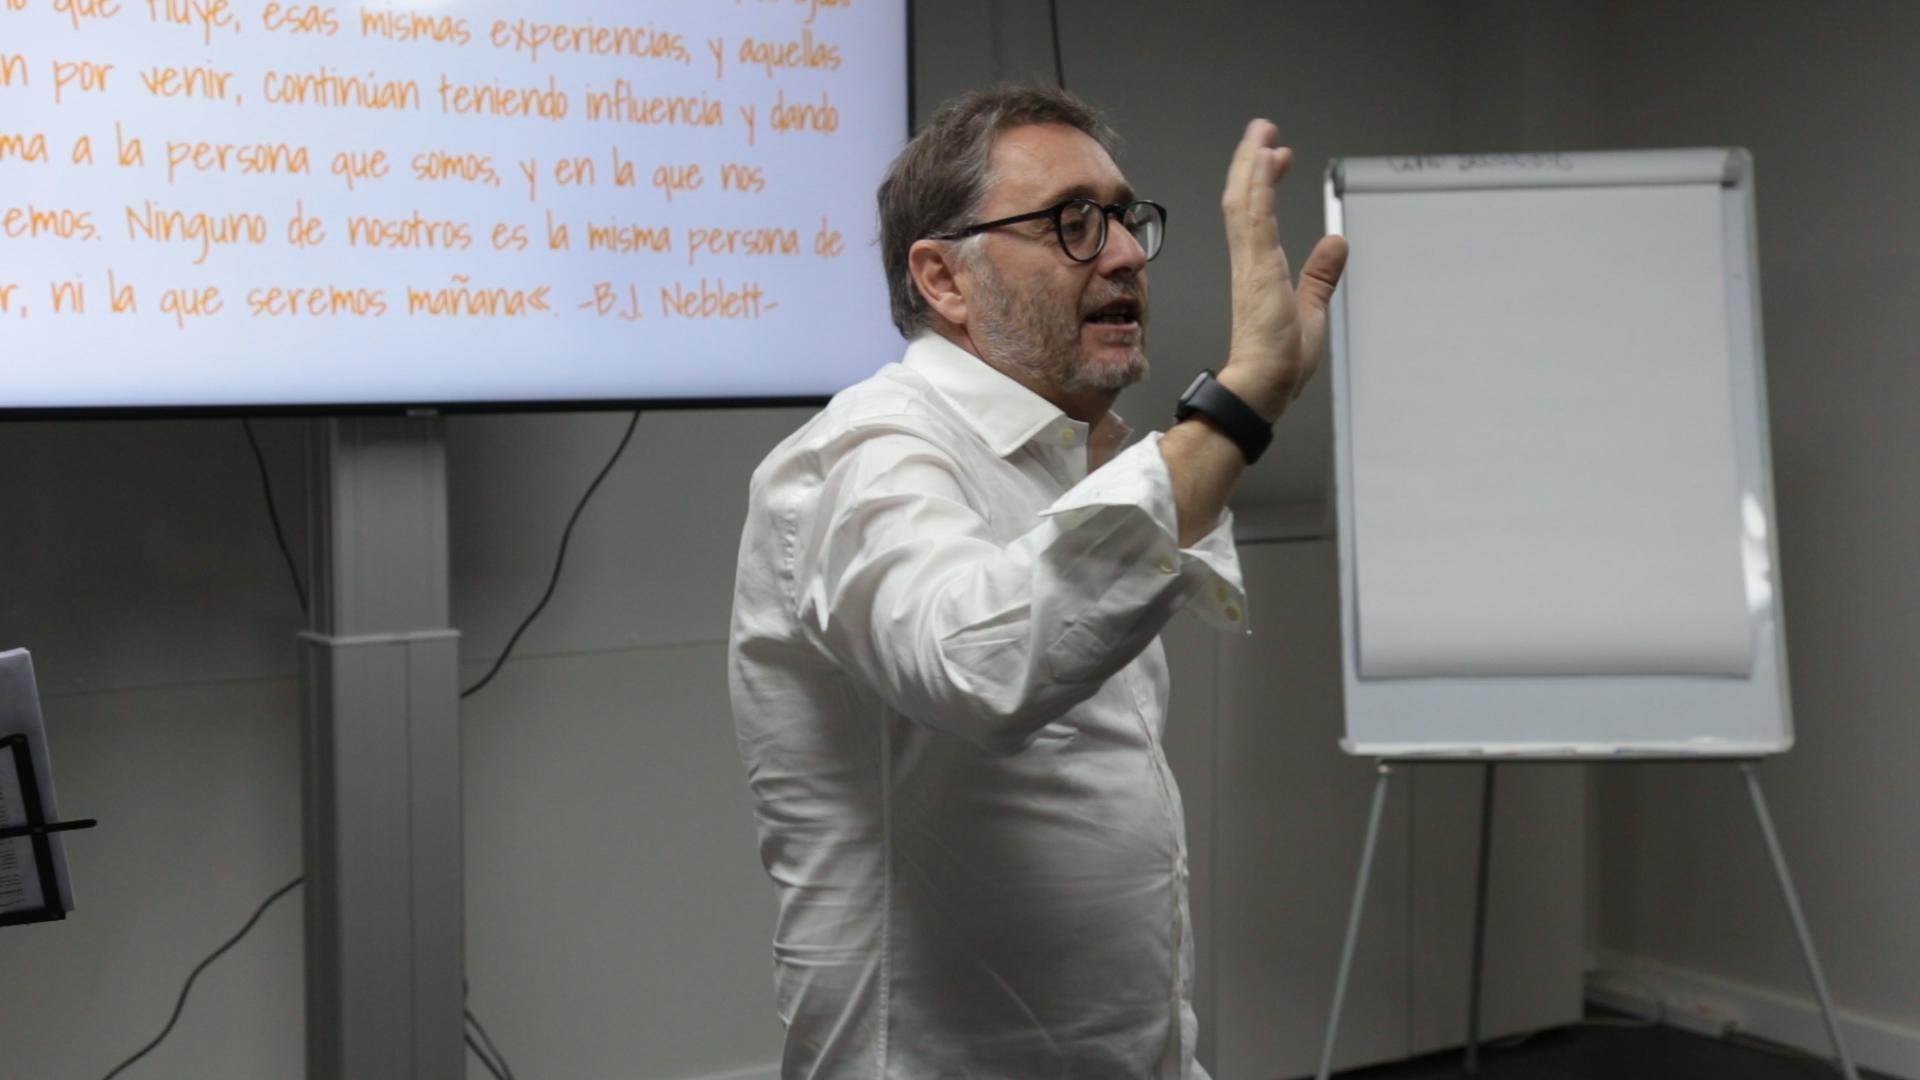 PRODUCTIVIDAD Y GESTIÓN DE TIEMPO